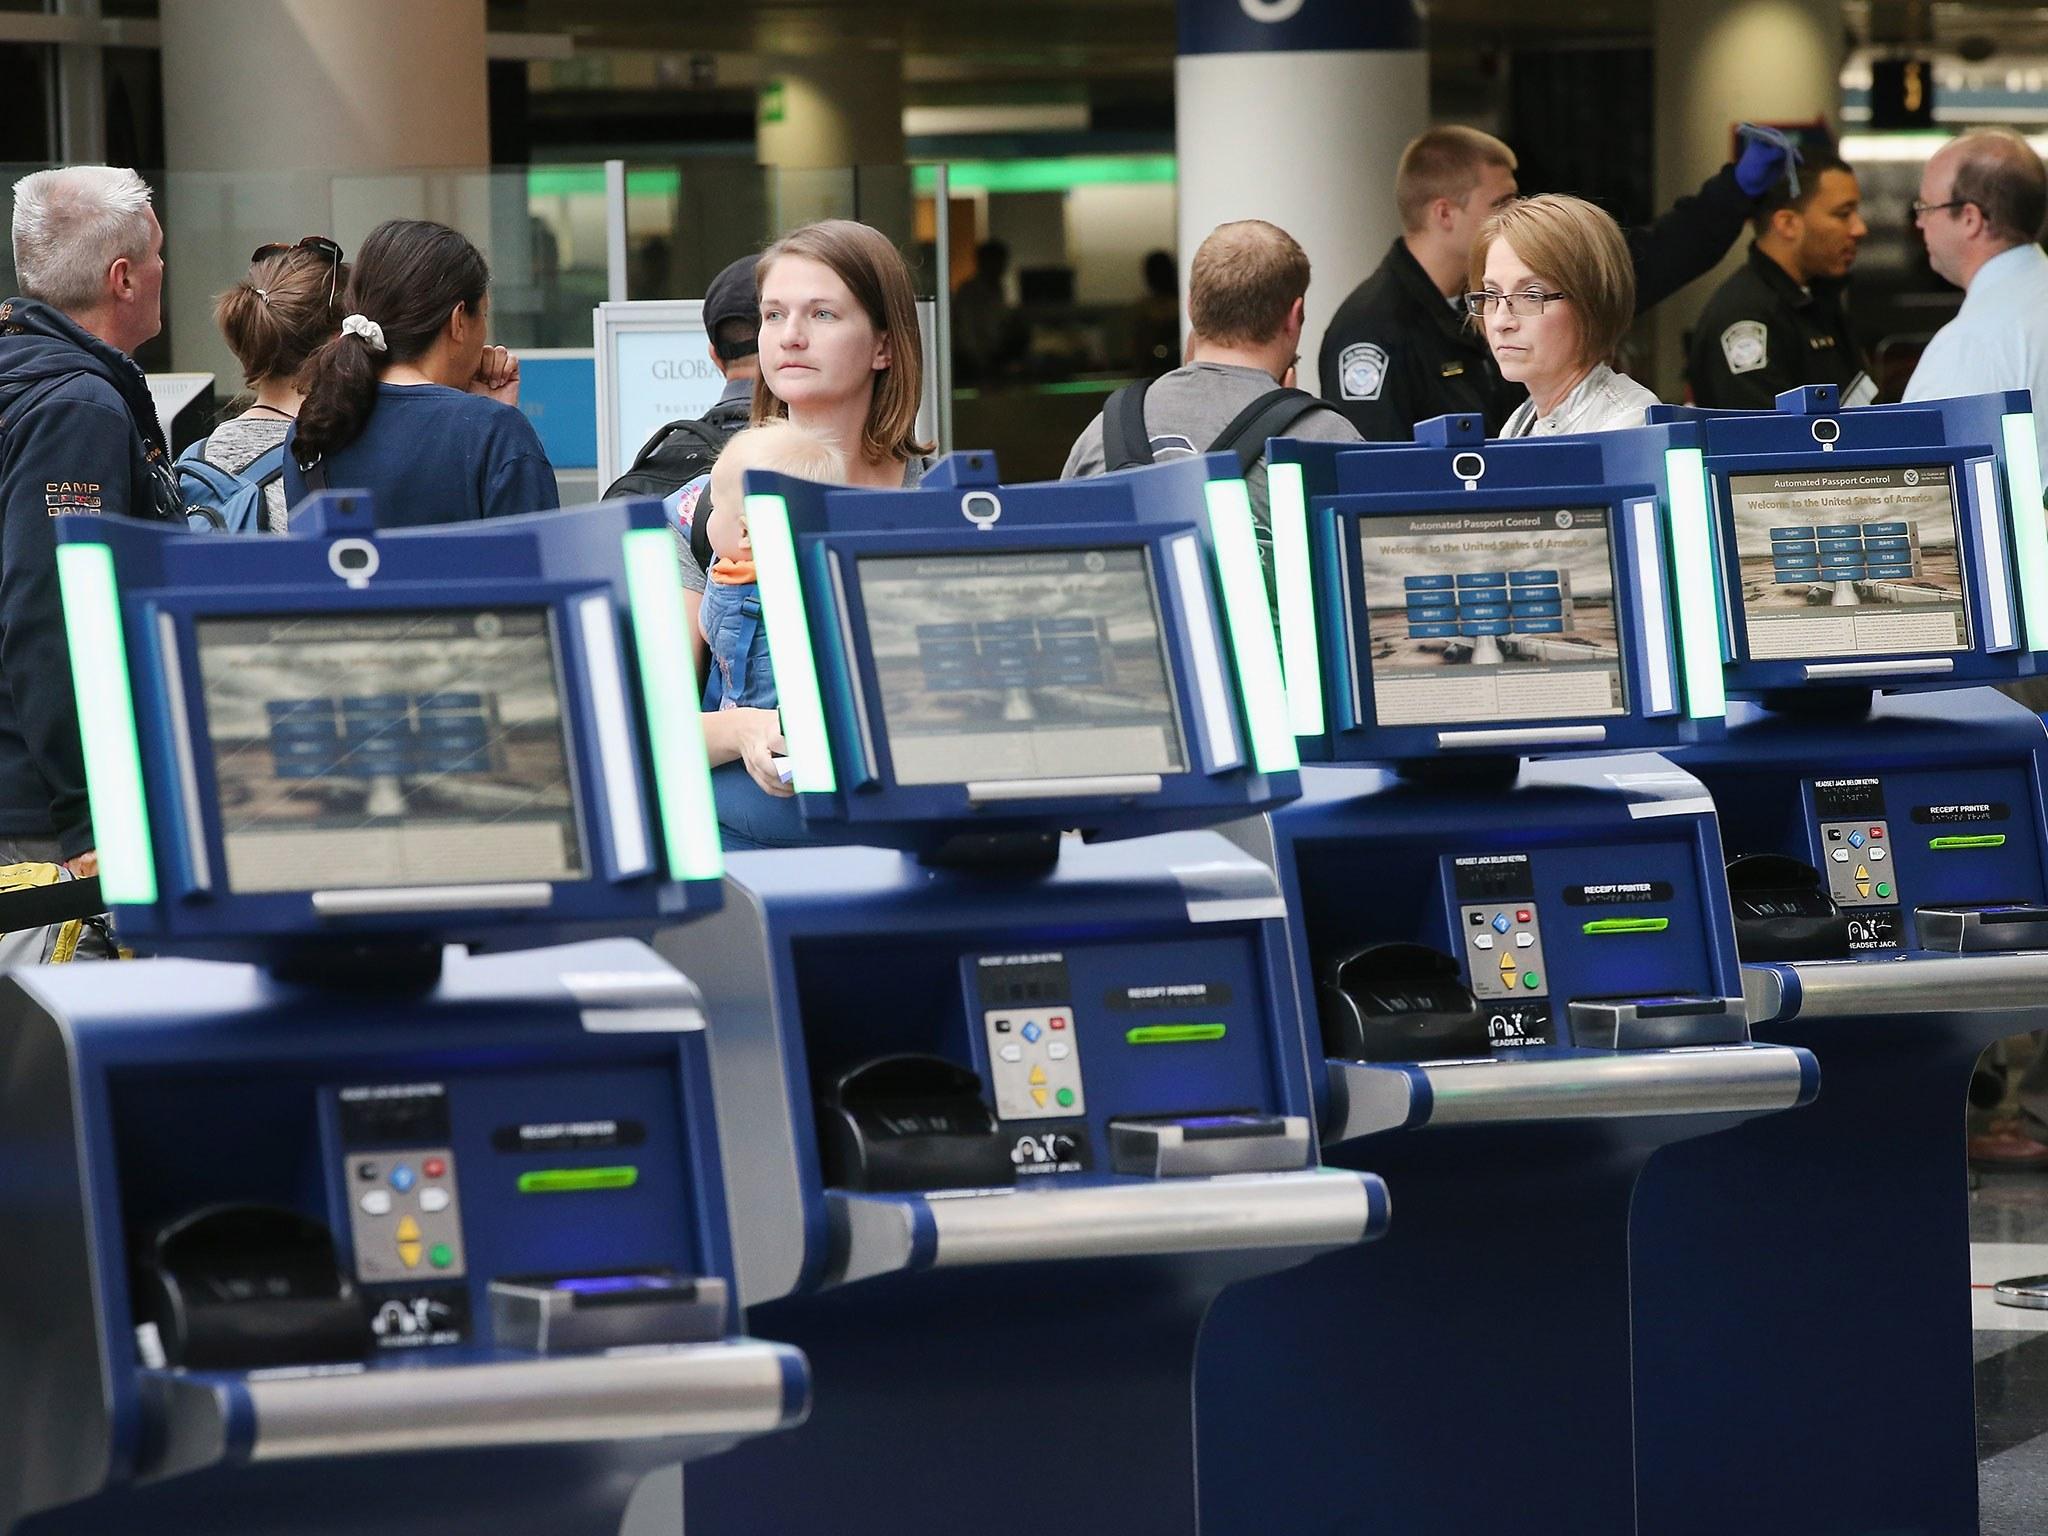 Copy of Airline Check In Kiosk